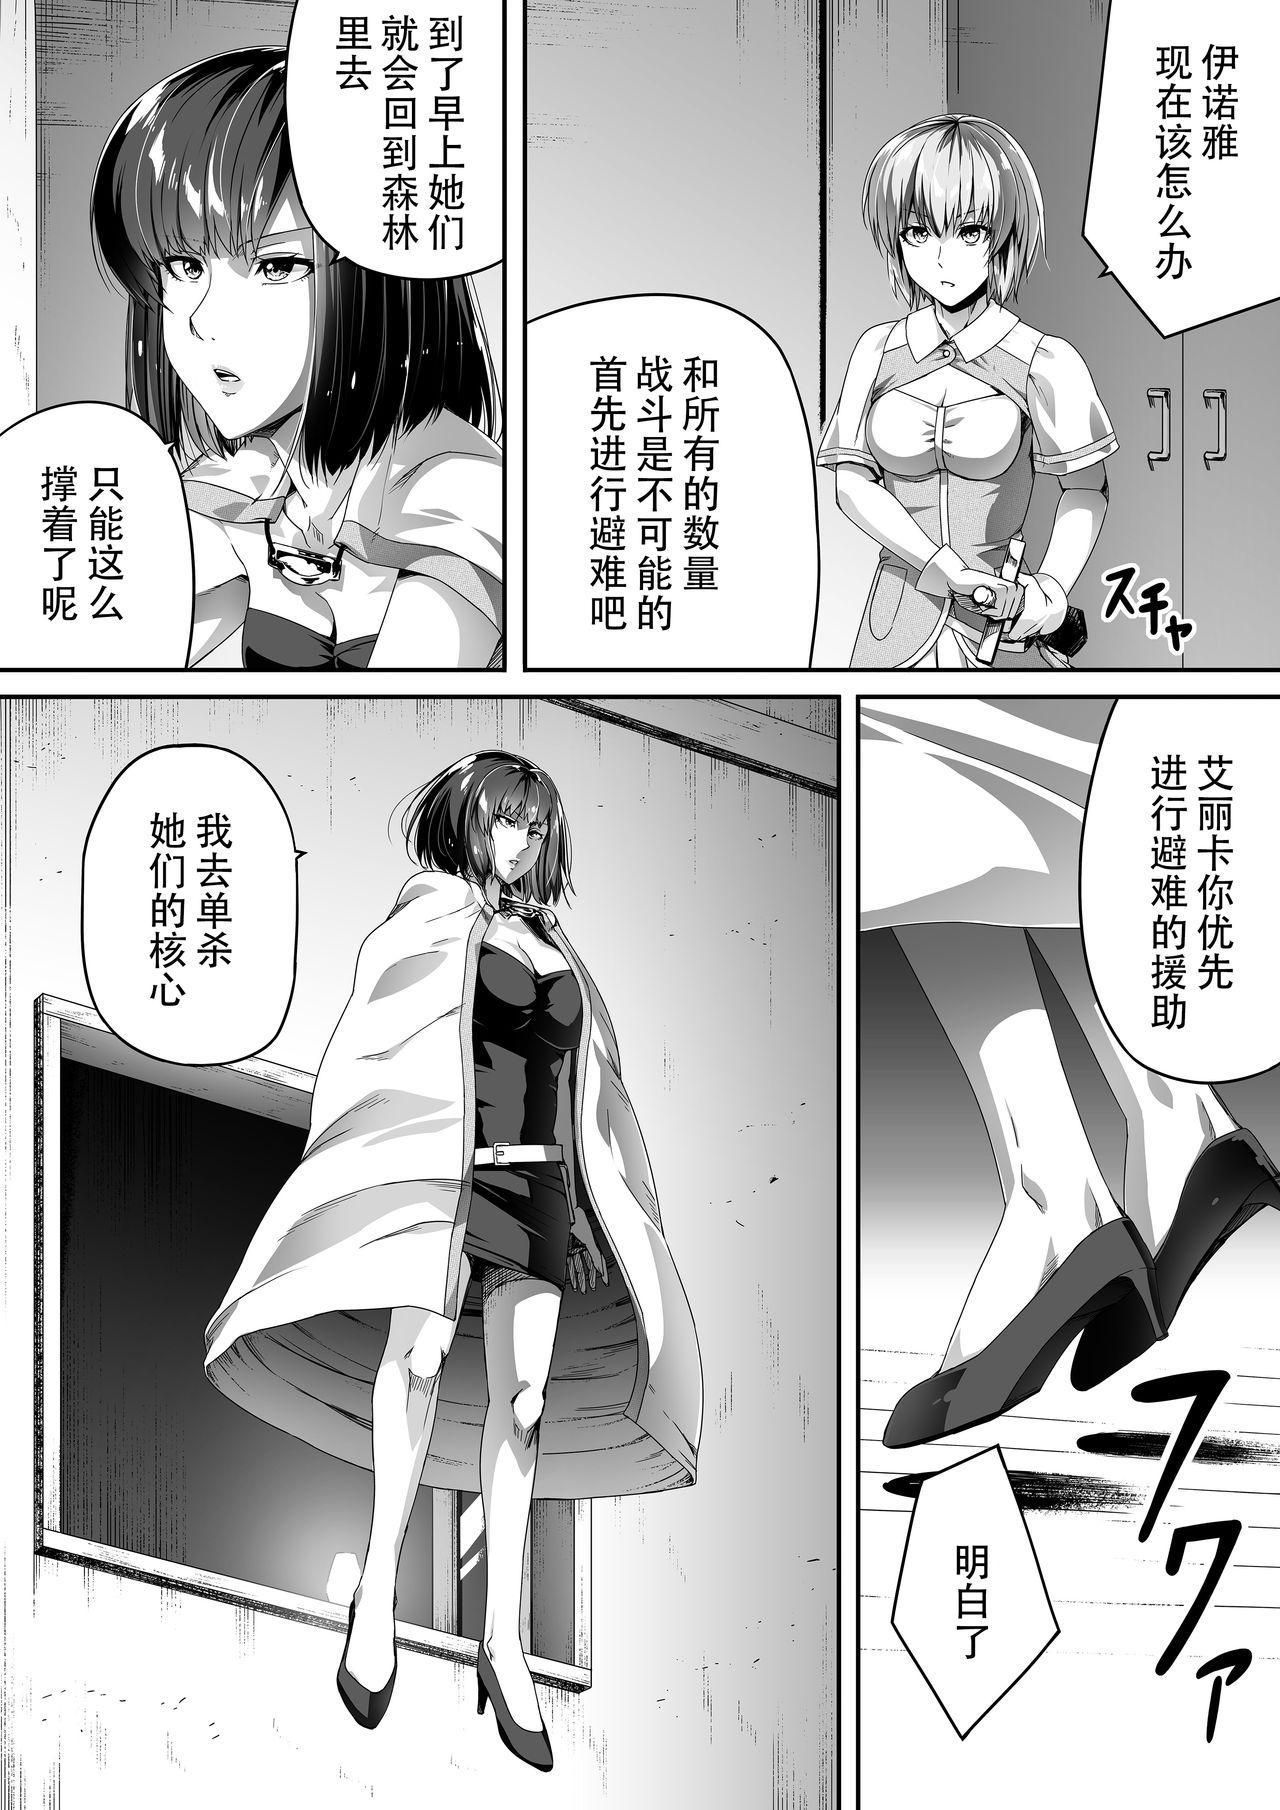 Chikara Aru Succubus wa Seiyoku o Mitashitai dake. 1 38